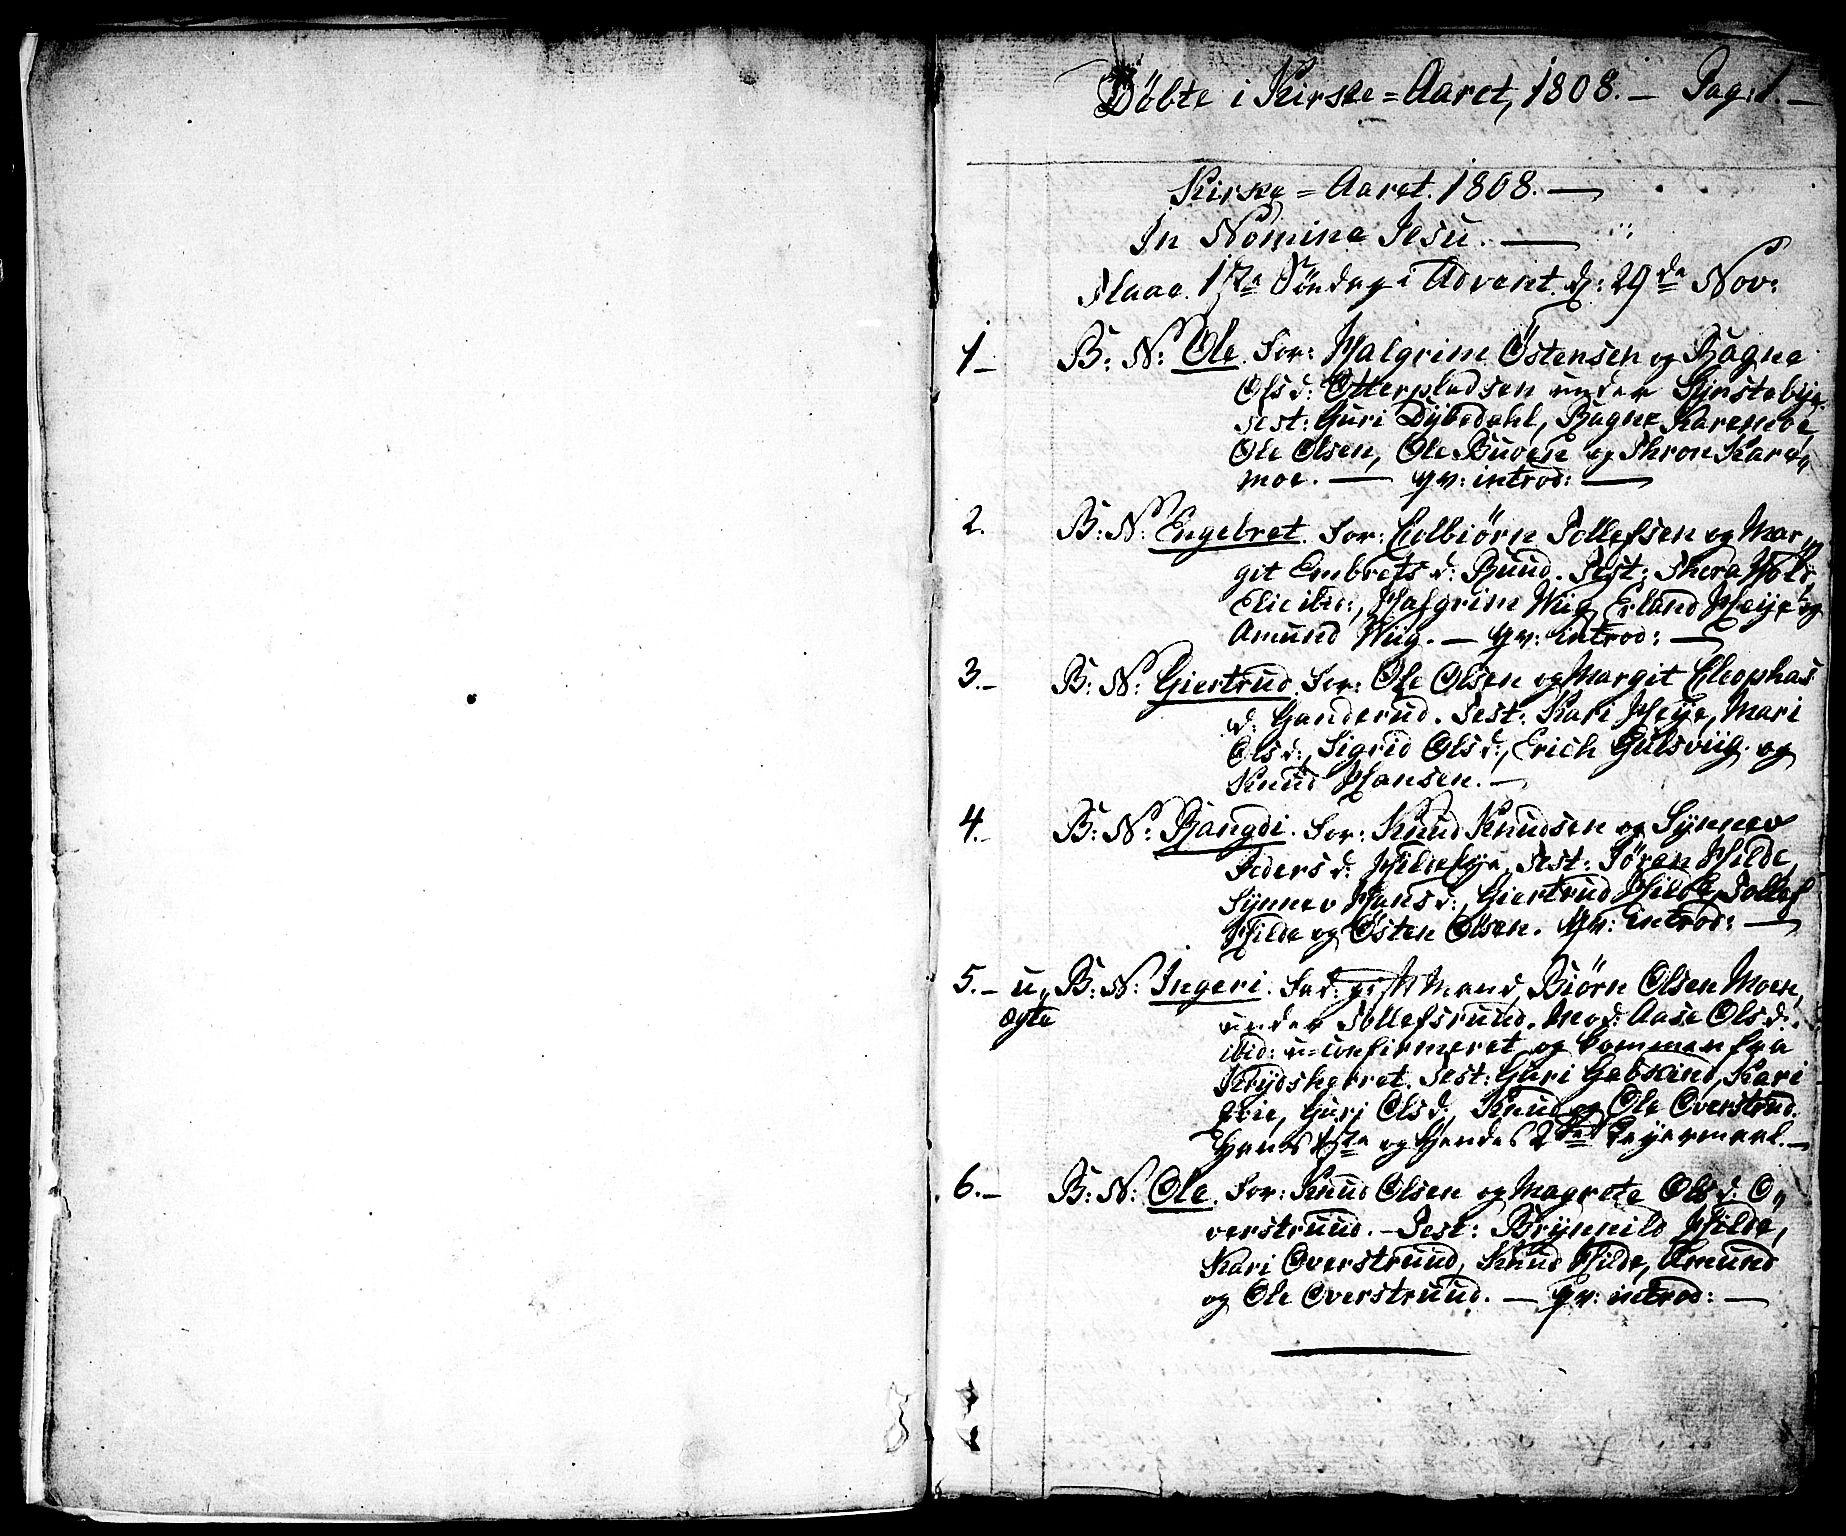 SAKO, Nes kirkebøker, F/Fa/L0006: Ministerialbok nr. 6, 1808-1814, s. 0-1